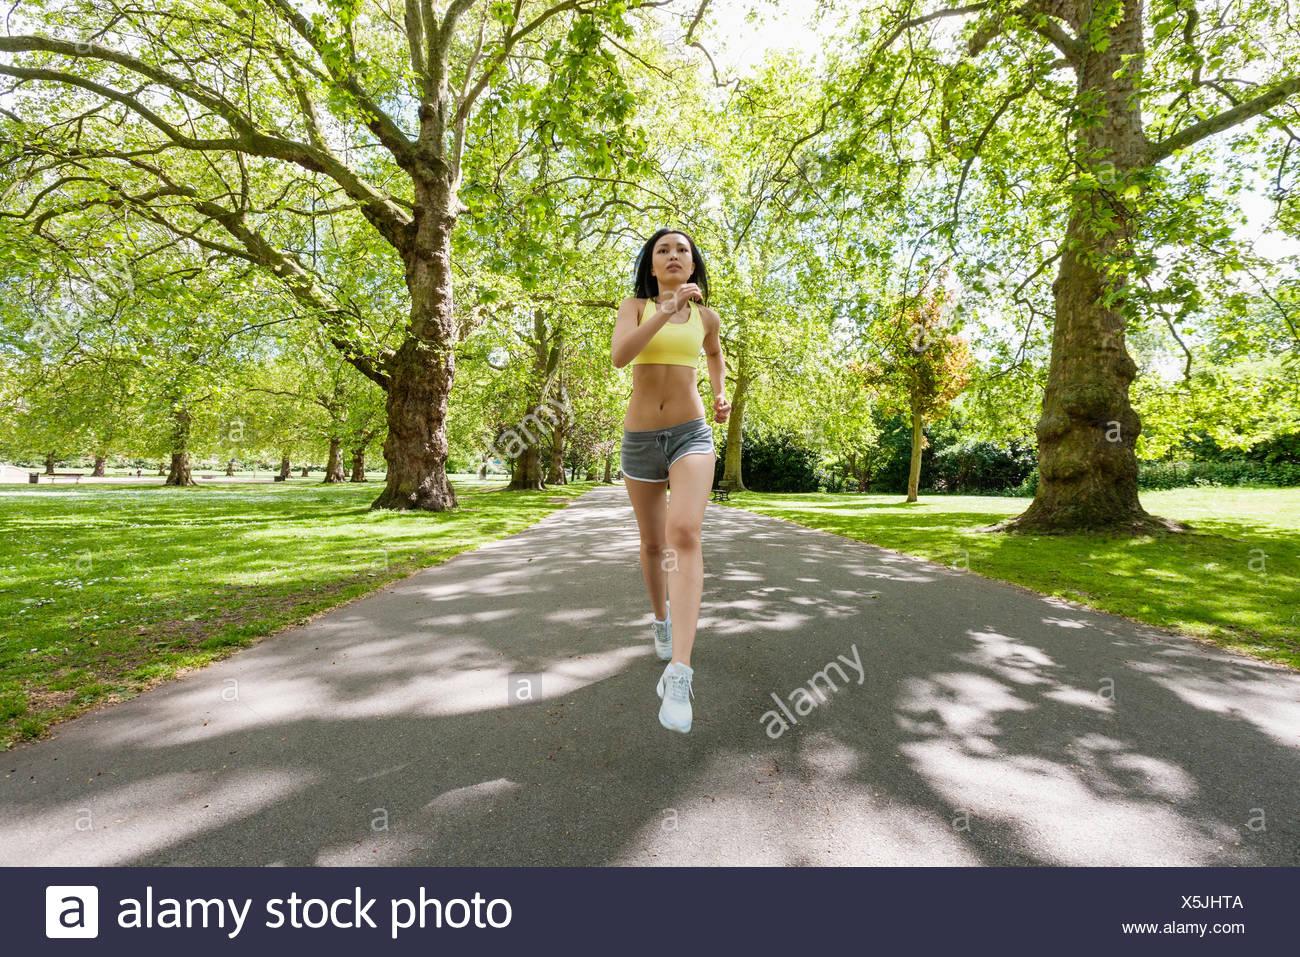 Pieno di lunghezza determinata montare donna jogging al parco Immagini Stock